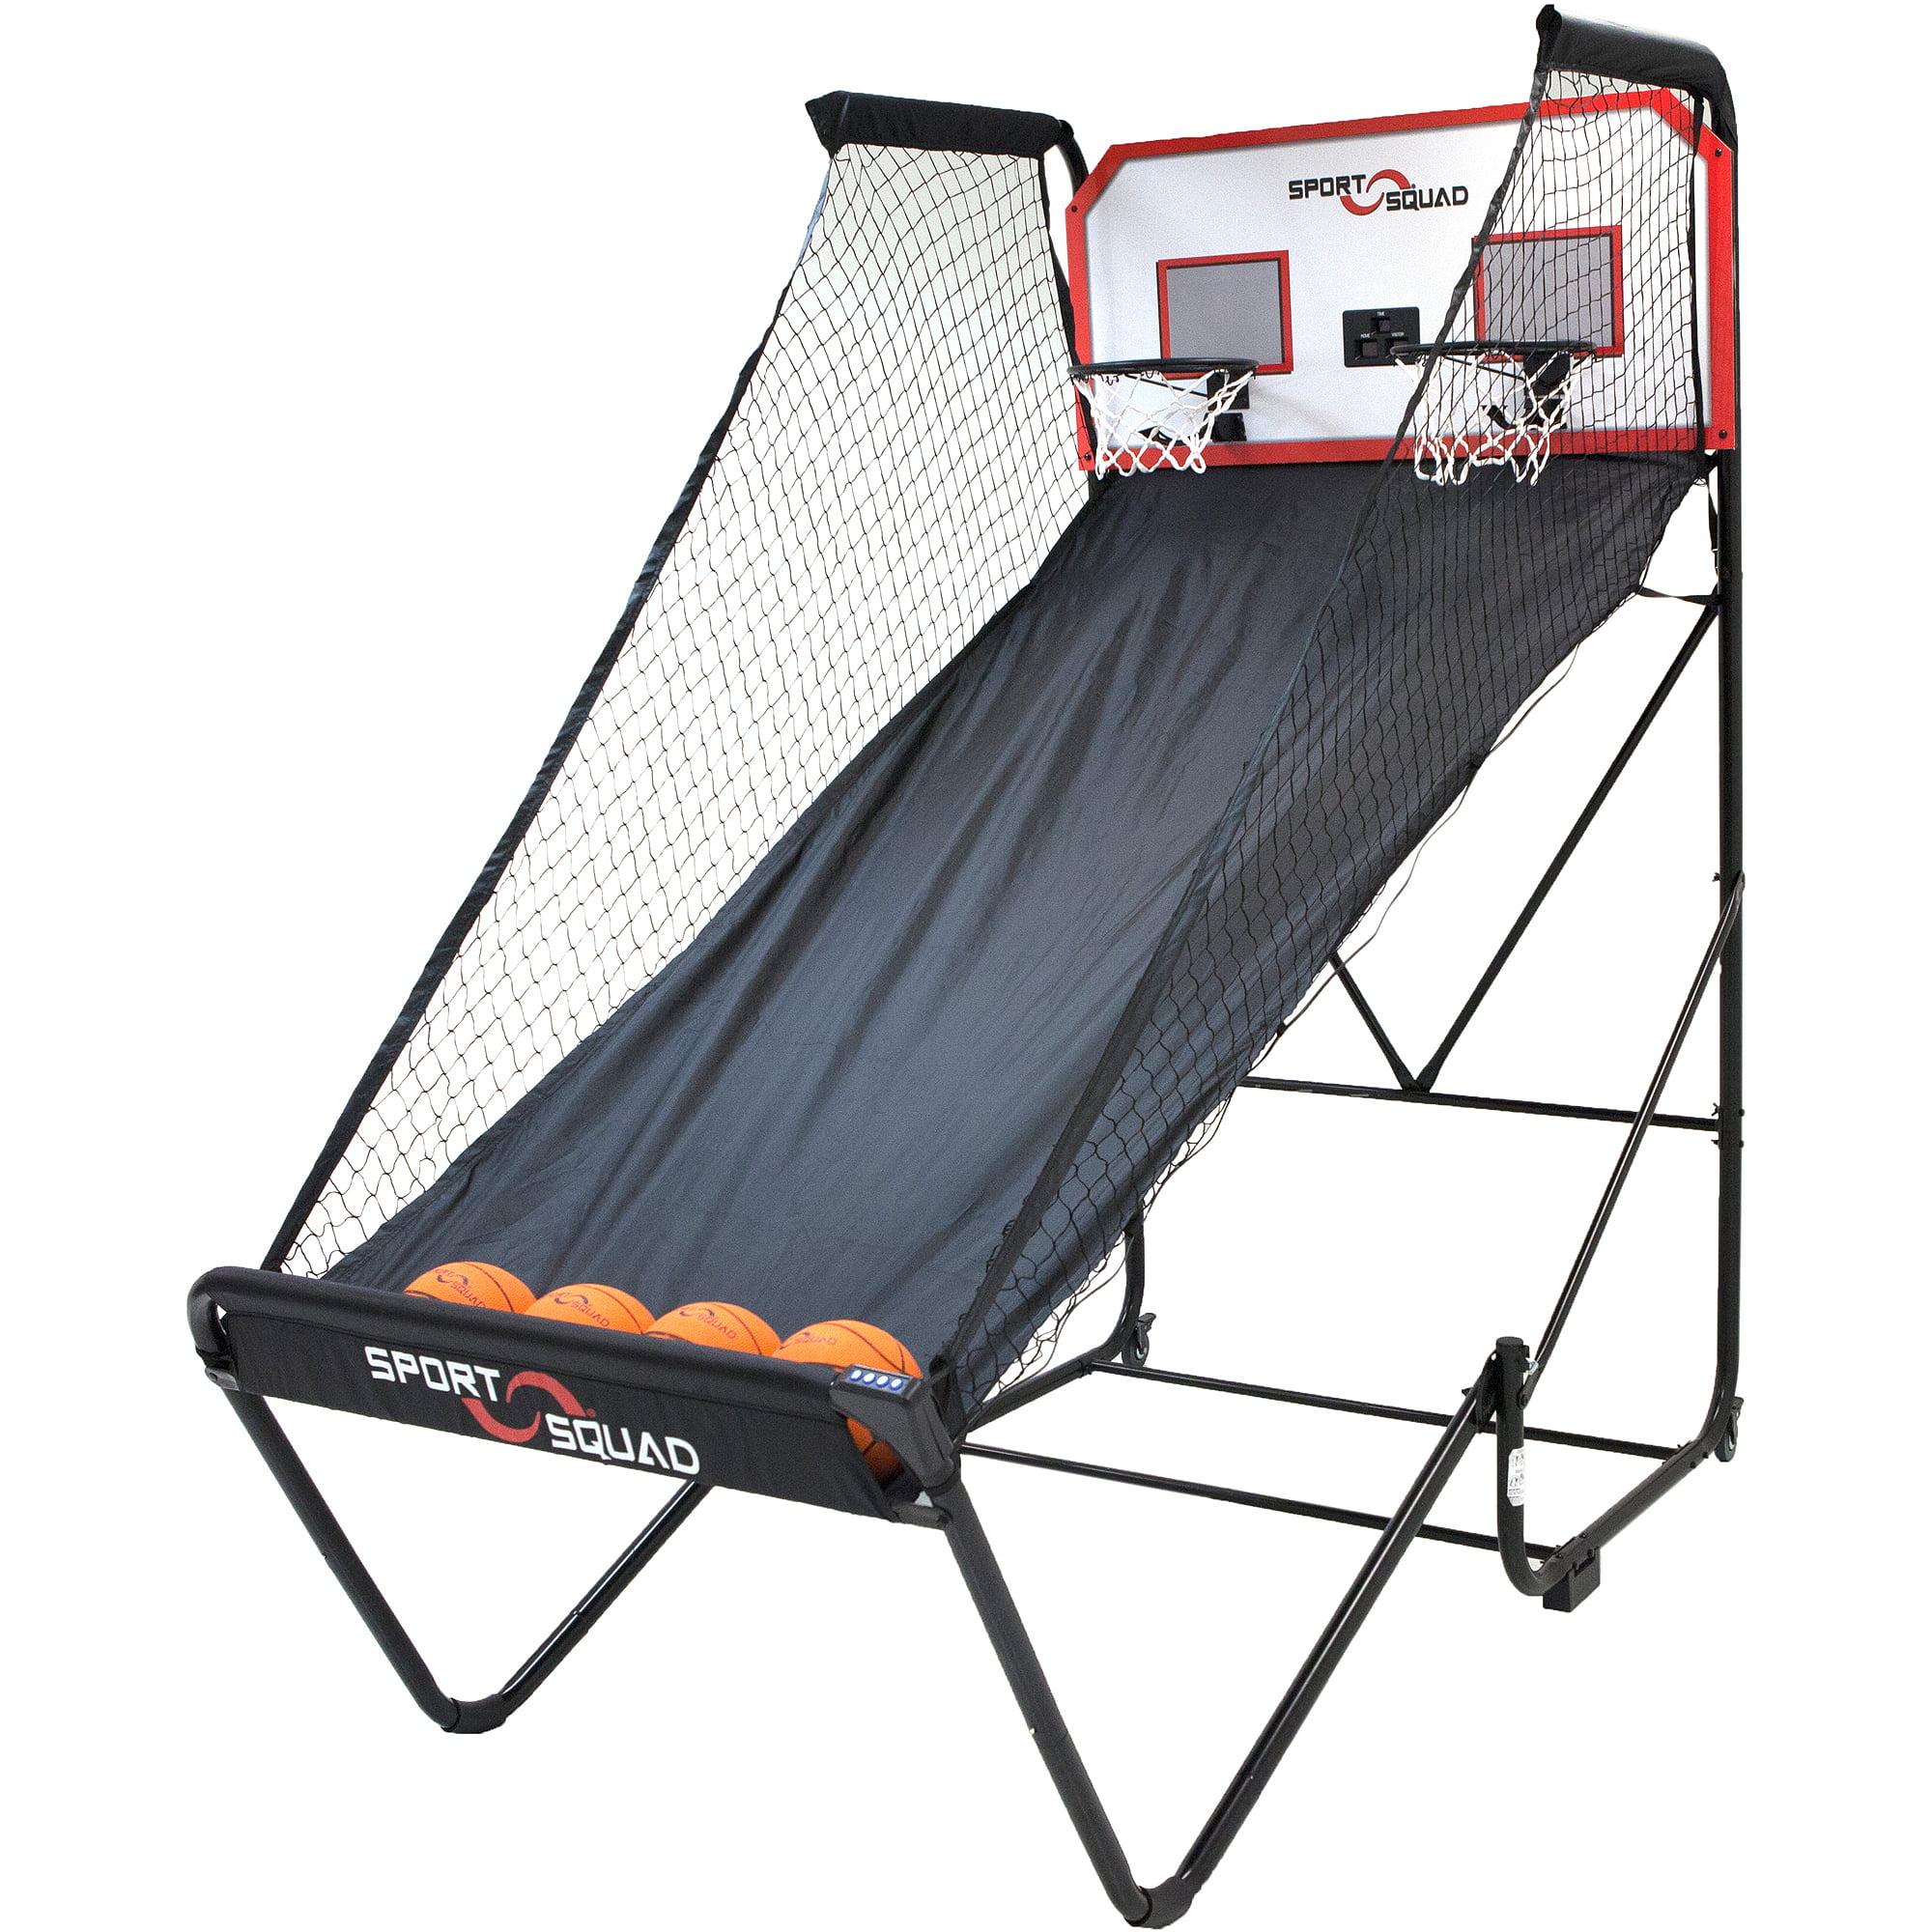 Double Overtime Pro Basketball - Walmart.com